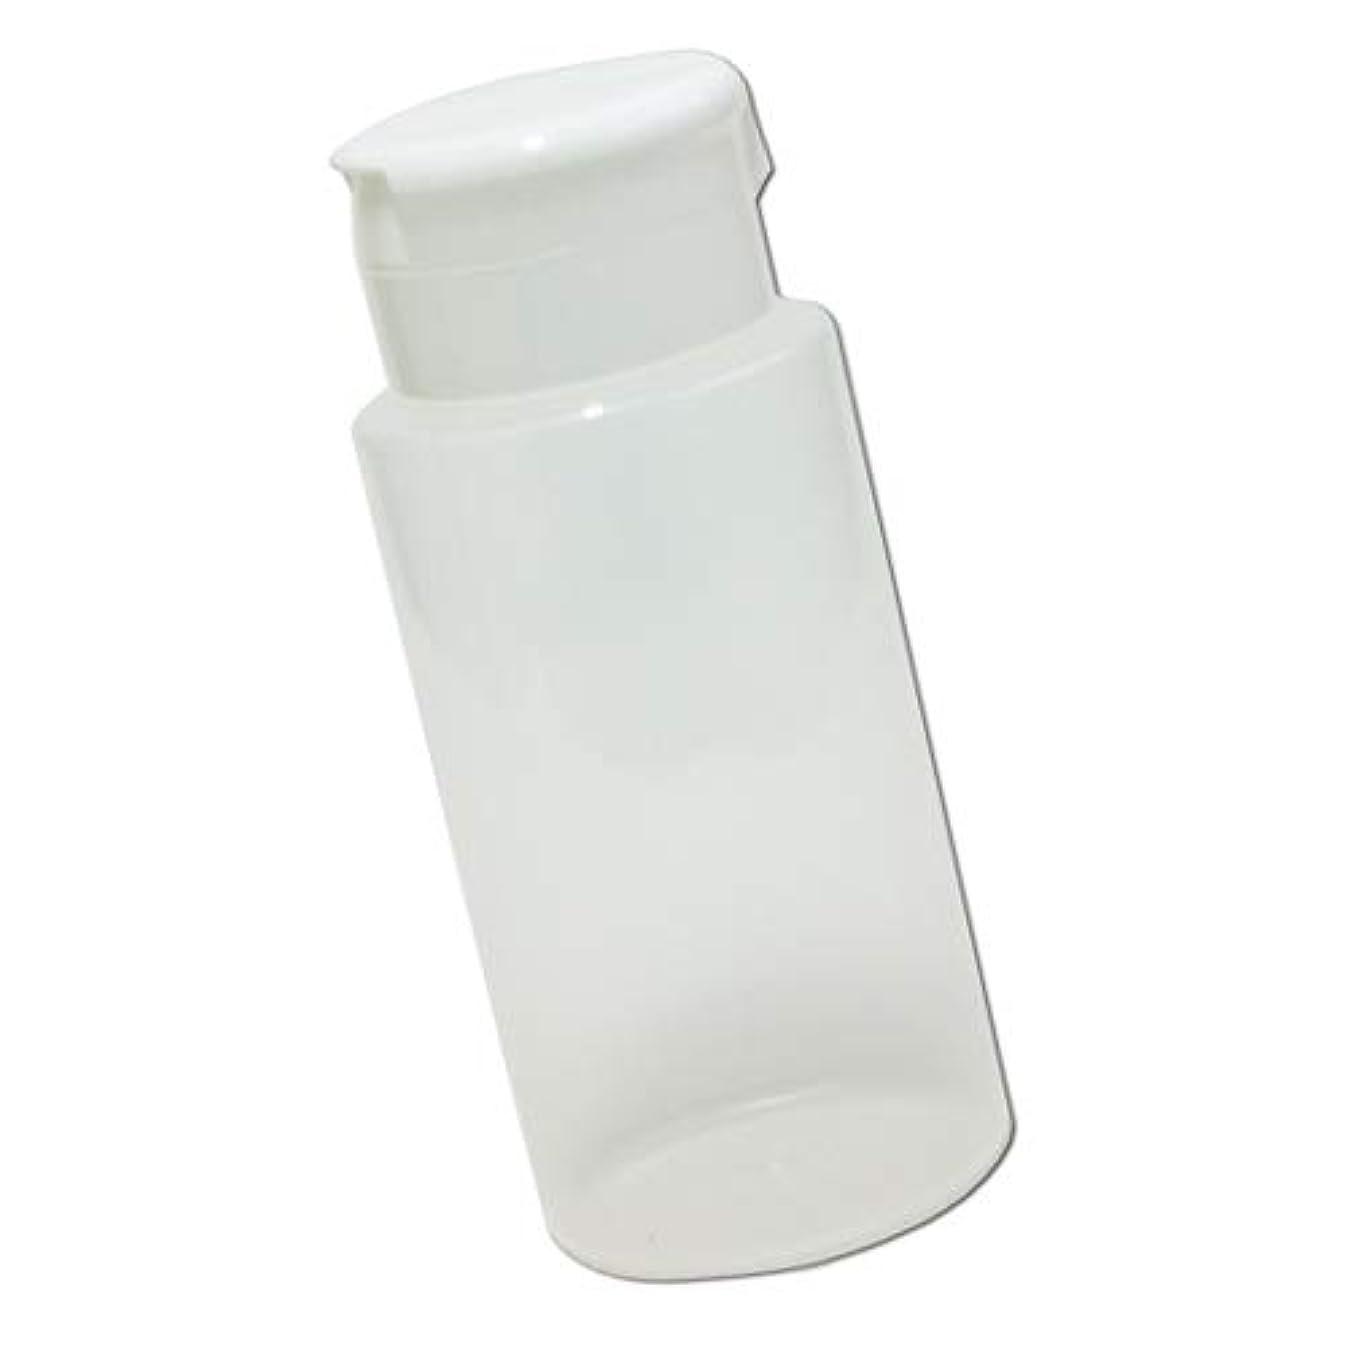 影響する印をつけるジャズワンタッチキャップ詰め替え容器370ml│業務用ローションやうがい薬、液体石鹸、調味料、化粧品の小分けに詰め替えボトル